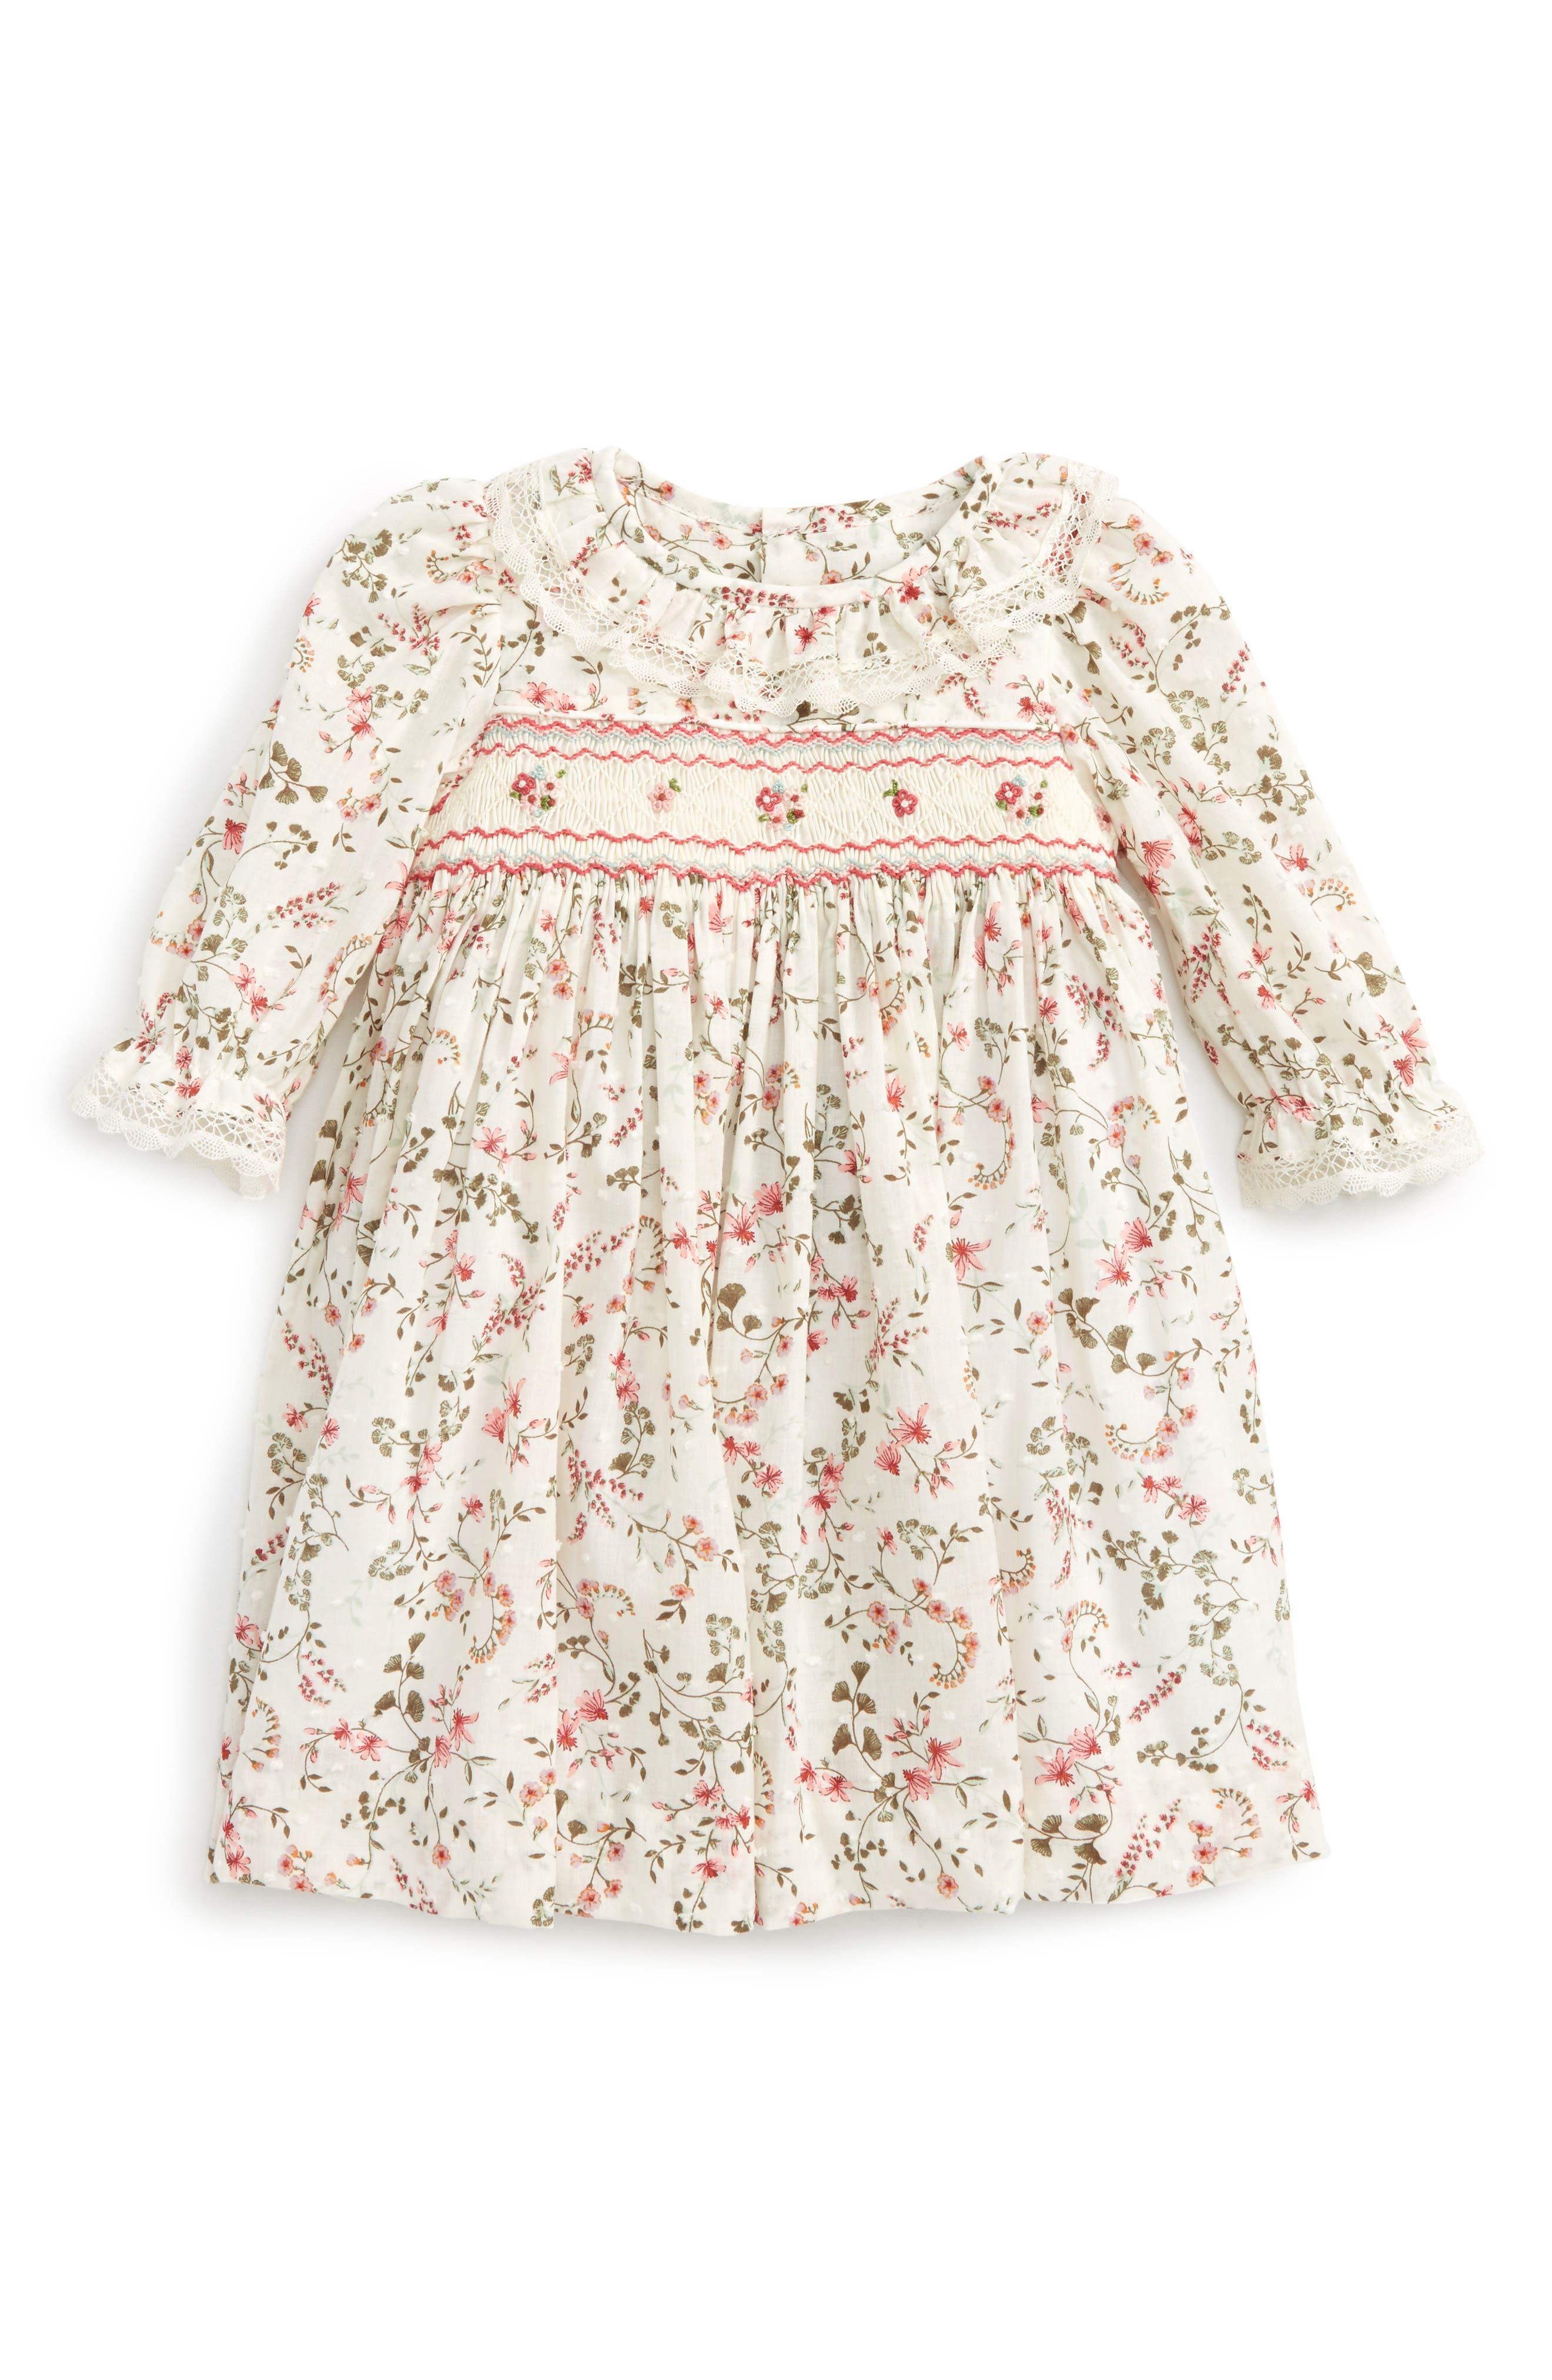 Luli & Me Floral Print Plumetis Smocked Dress (Baby Girls)